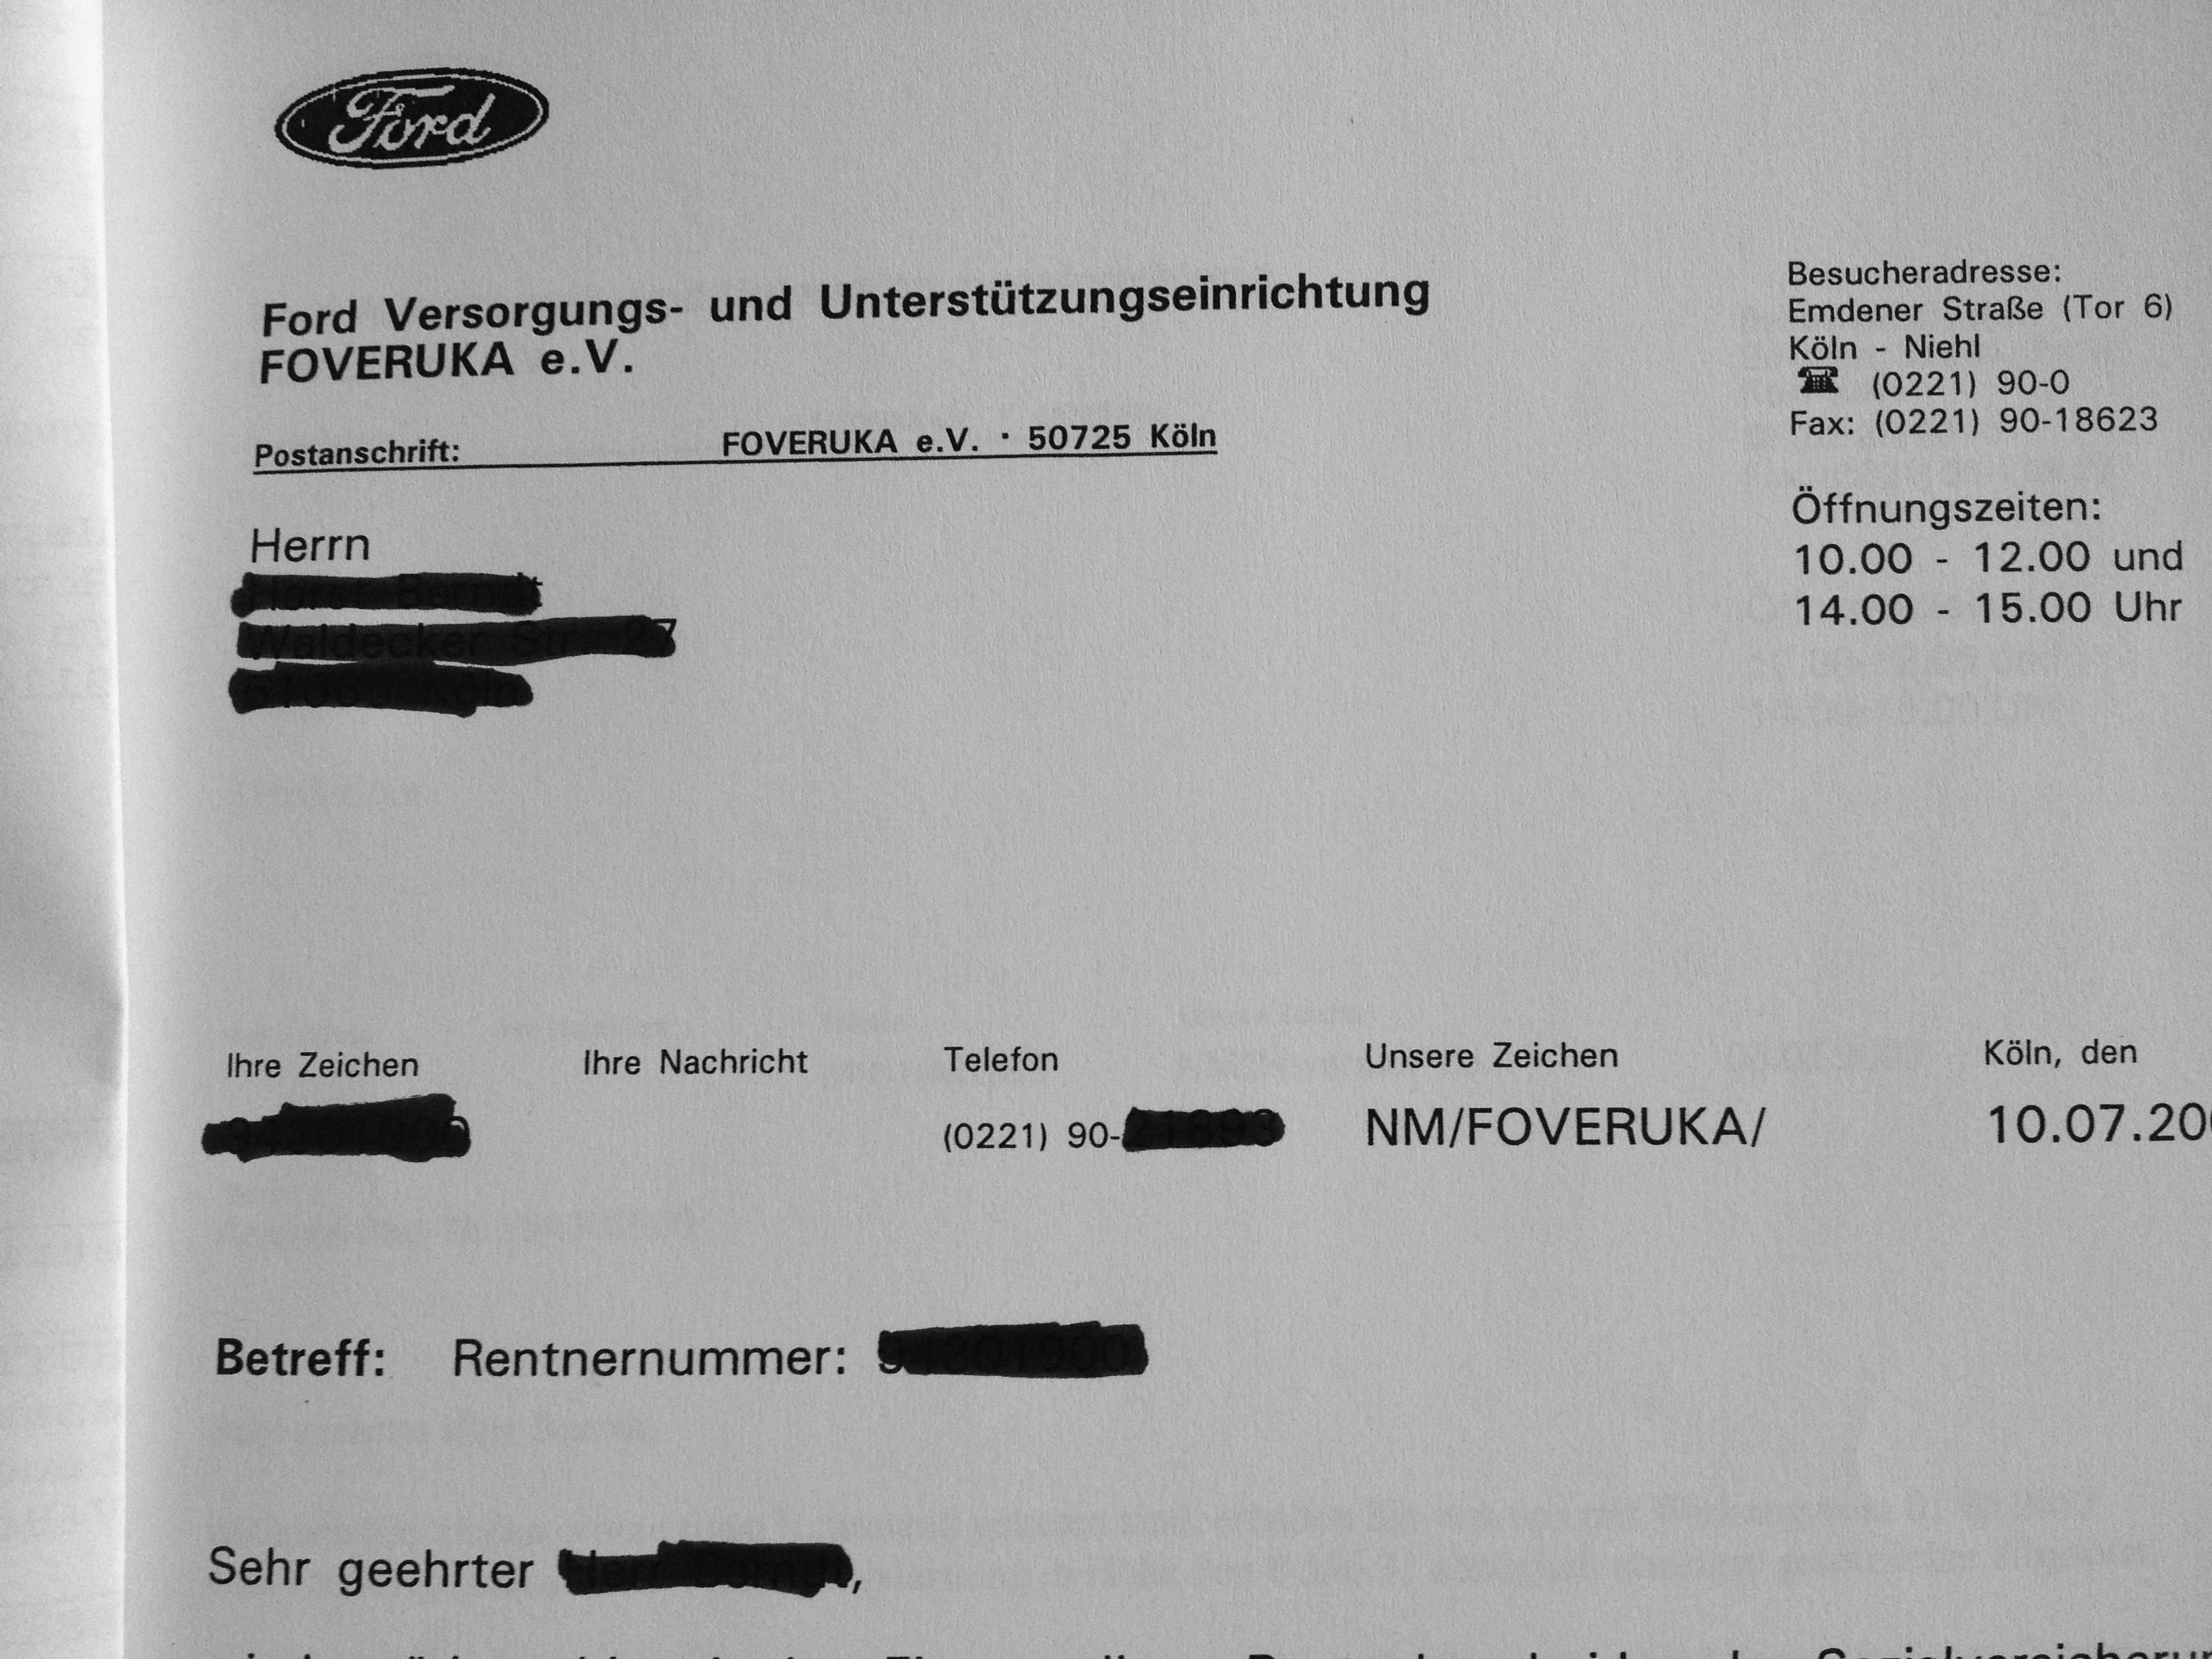 Foveruka Köln Anschrift (Ford Betriebsrente)